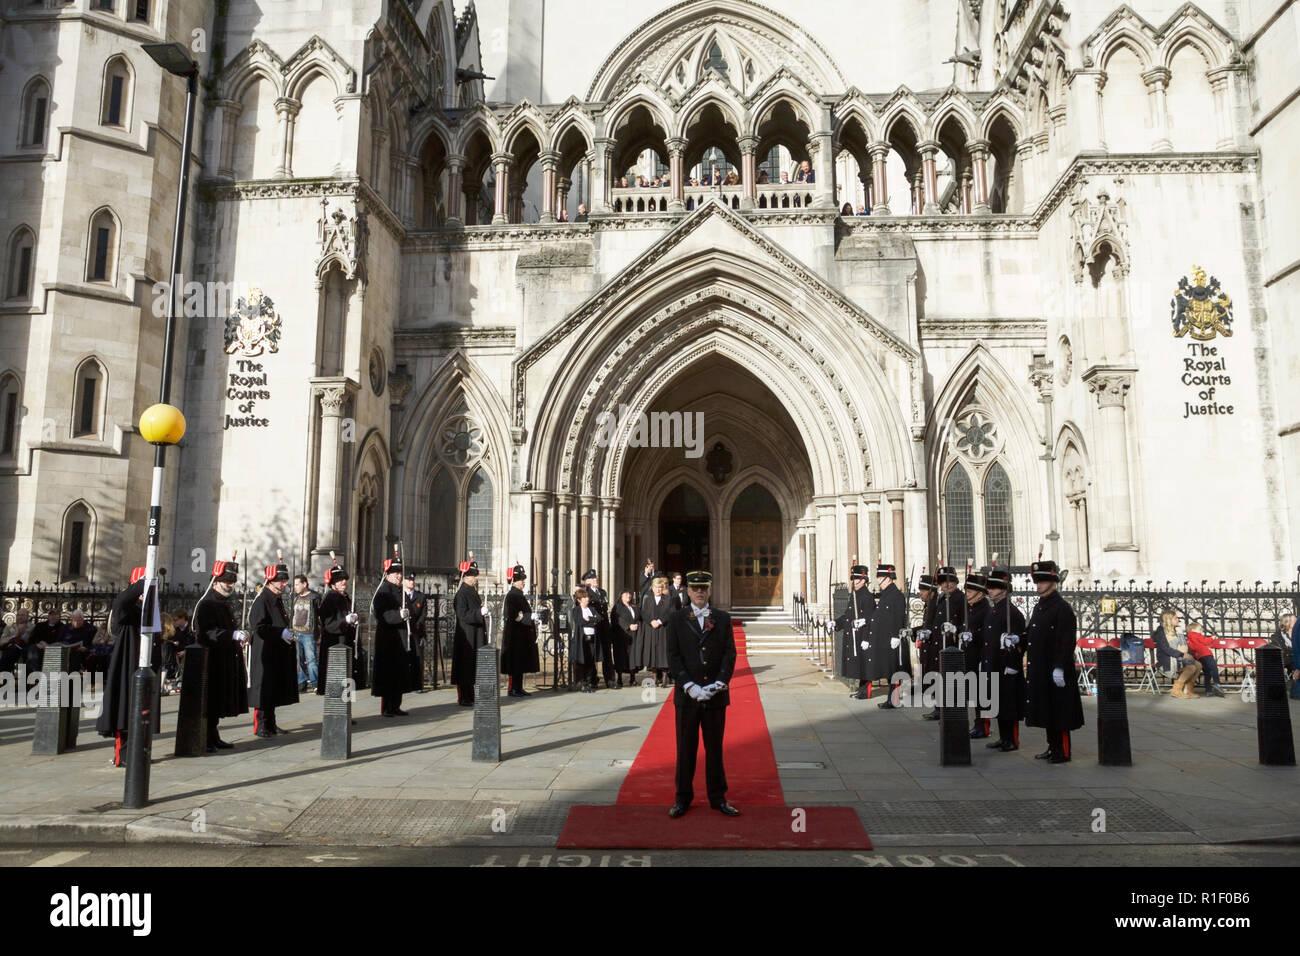 La Cour royale de Justice de Londres. Avec l'Honorable Artillery Company (HAC) à l'extérieur, attendant l'arrivée du Lord-maire. Photo Stock